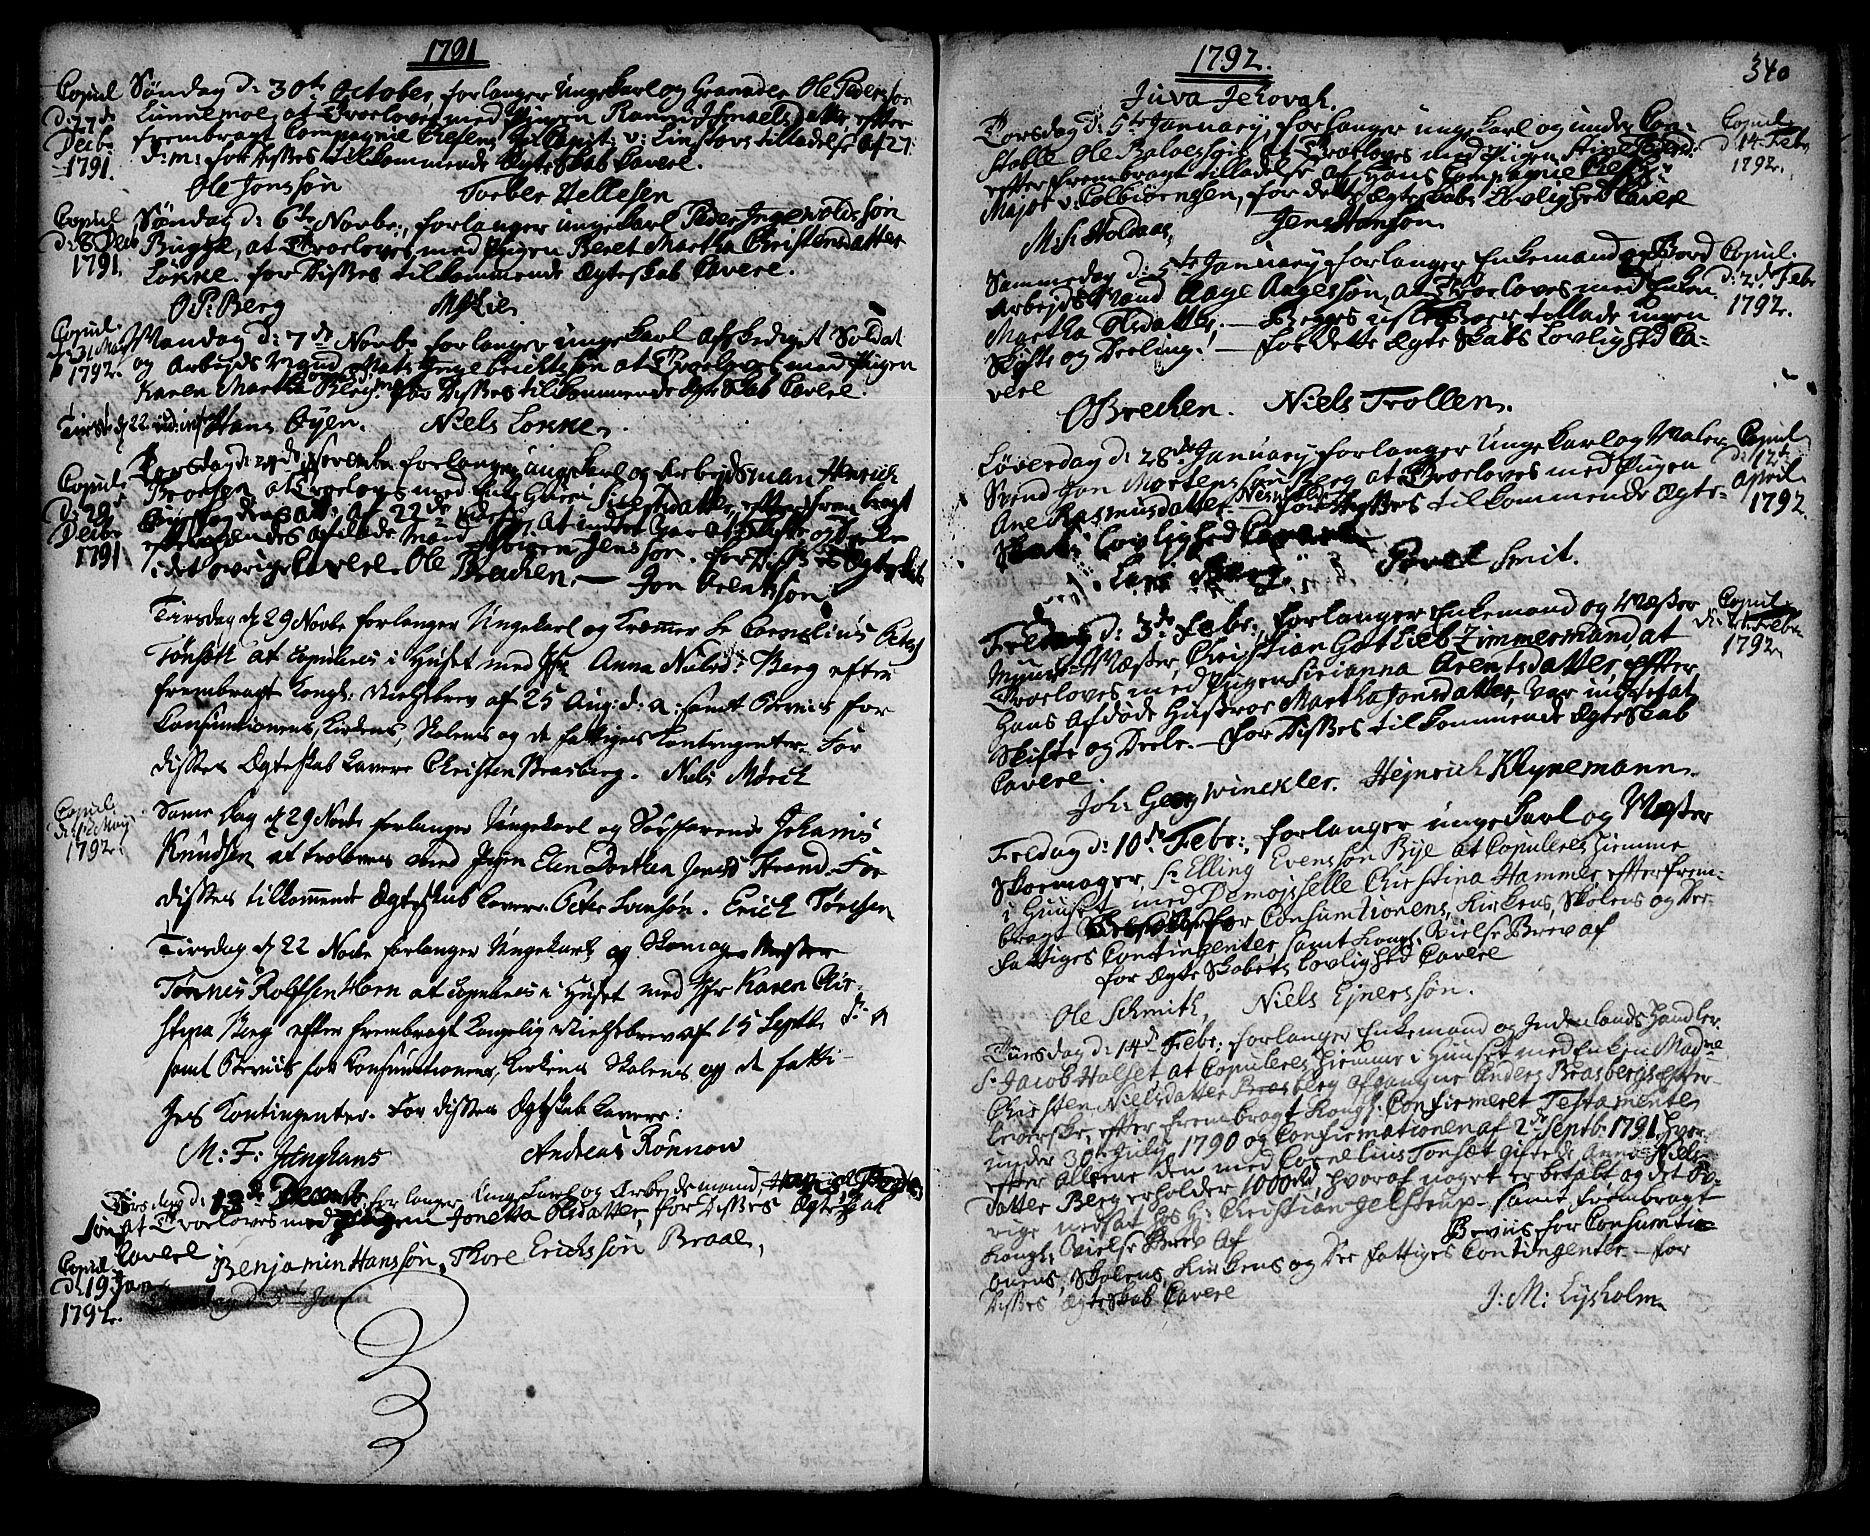 SAT, Ministerialprotokoller, klokkerbøker og fødselsregistre - Sør-Trøndelag, 601/L0038: Ministerialbok nr. 601A06, 1766-1877, s. 340